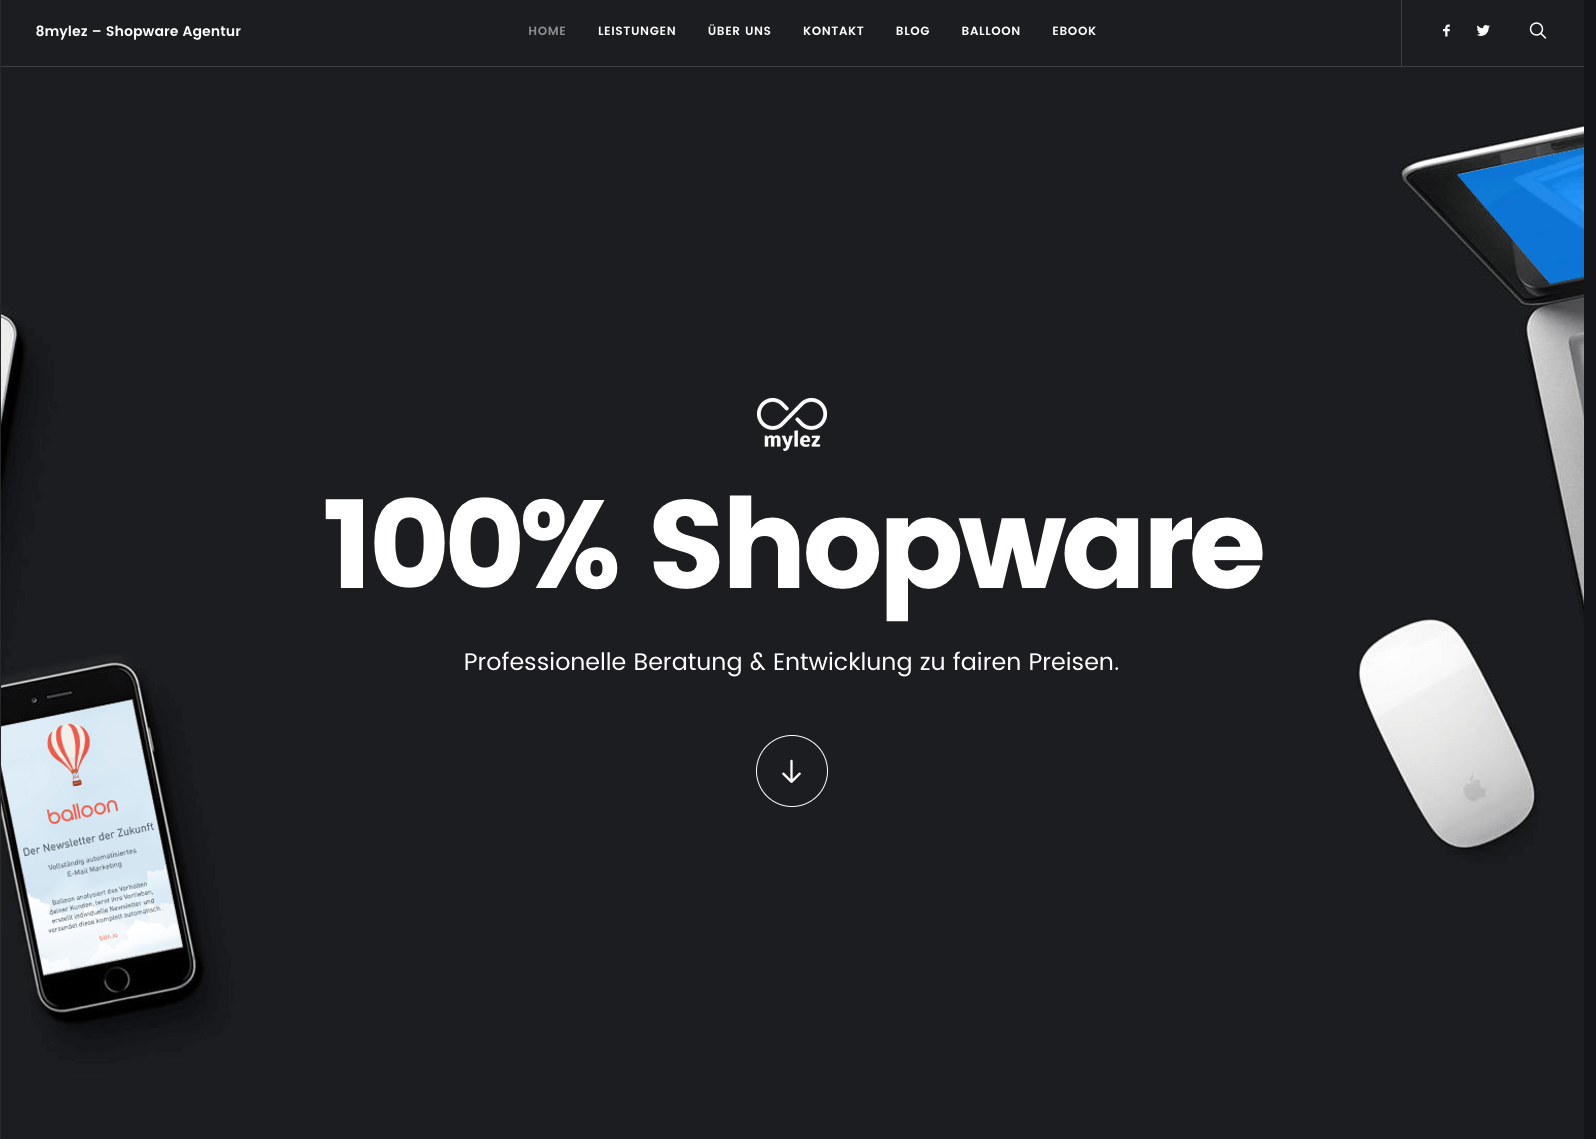 8mylez Shopware Agentur